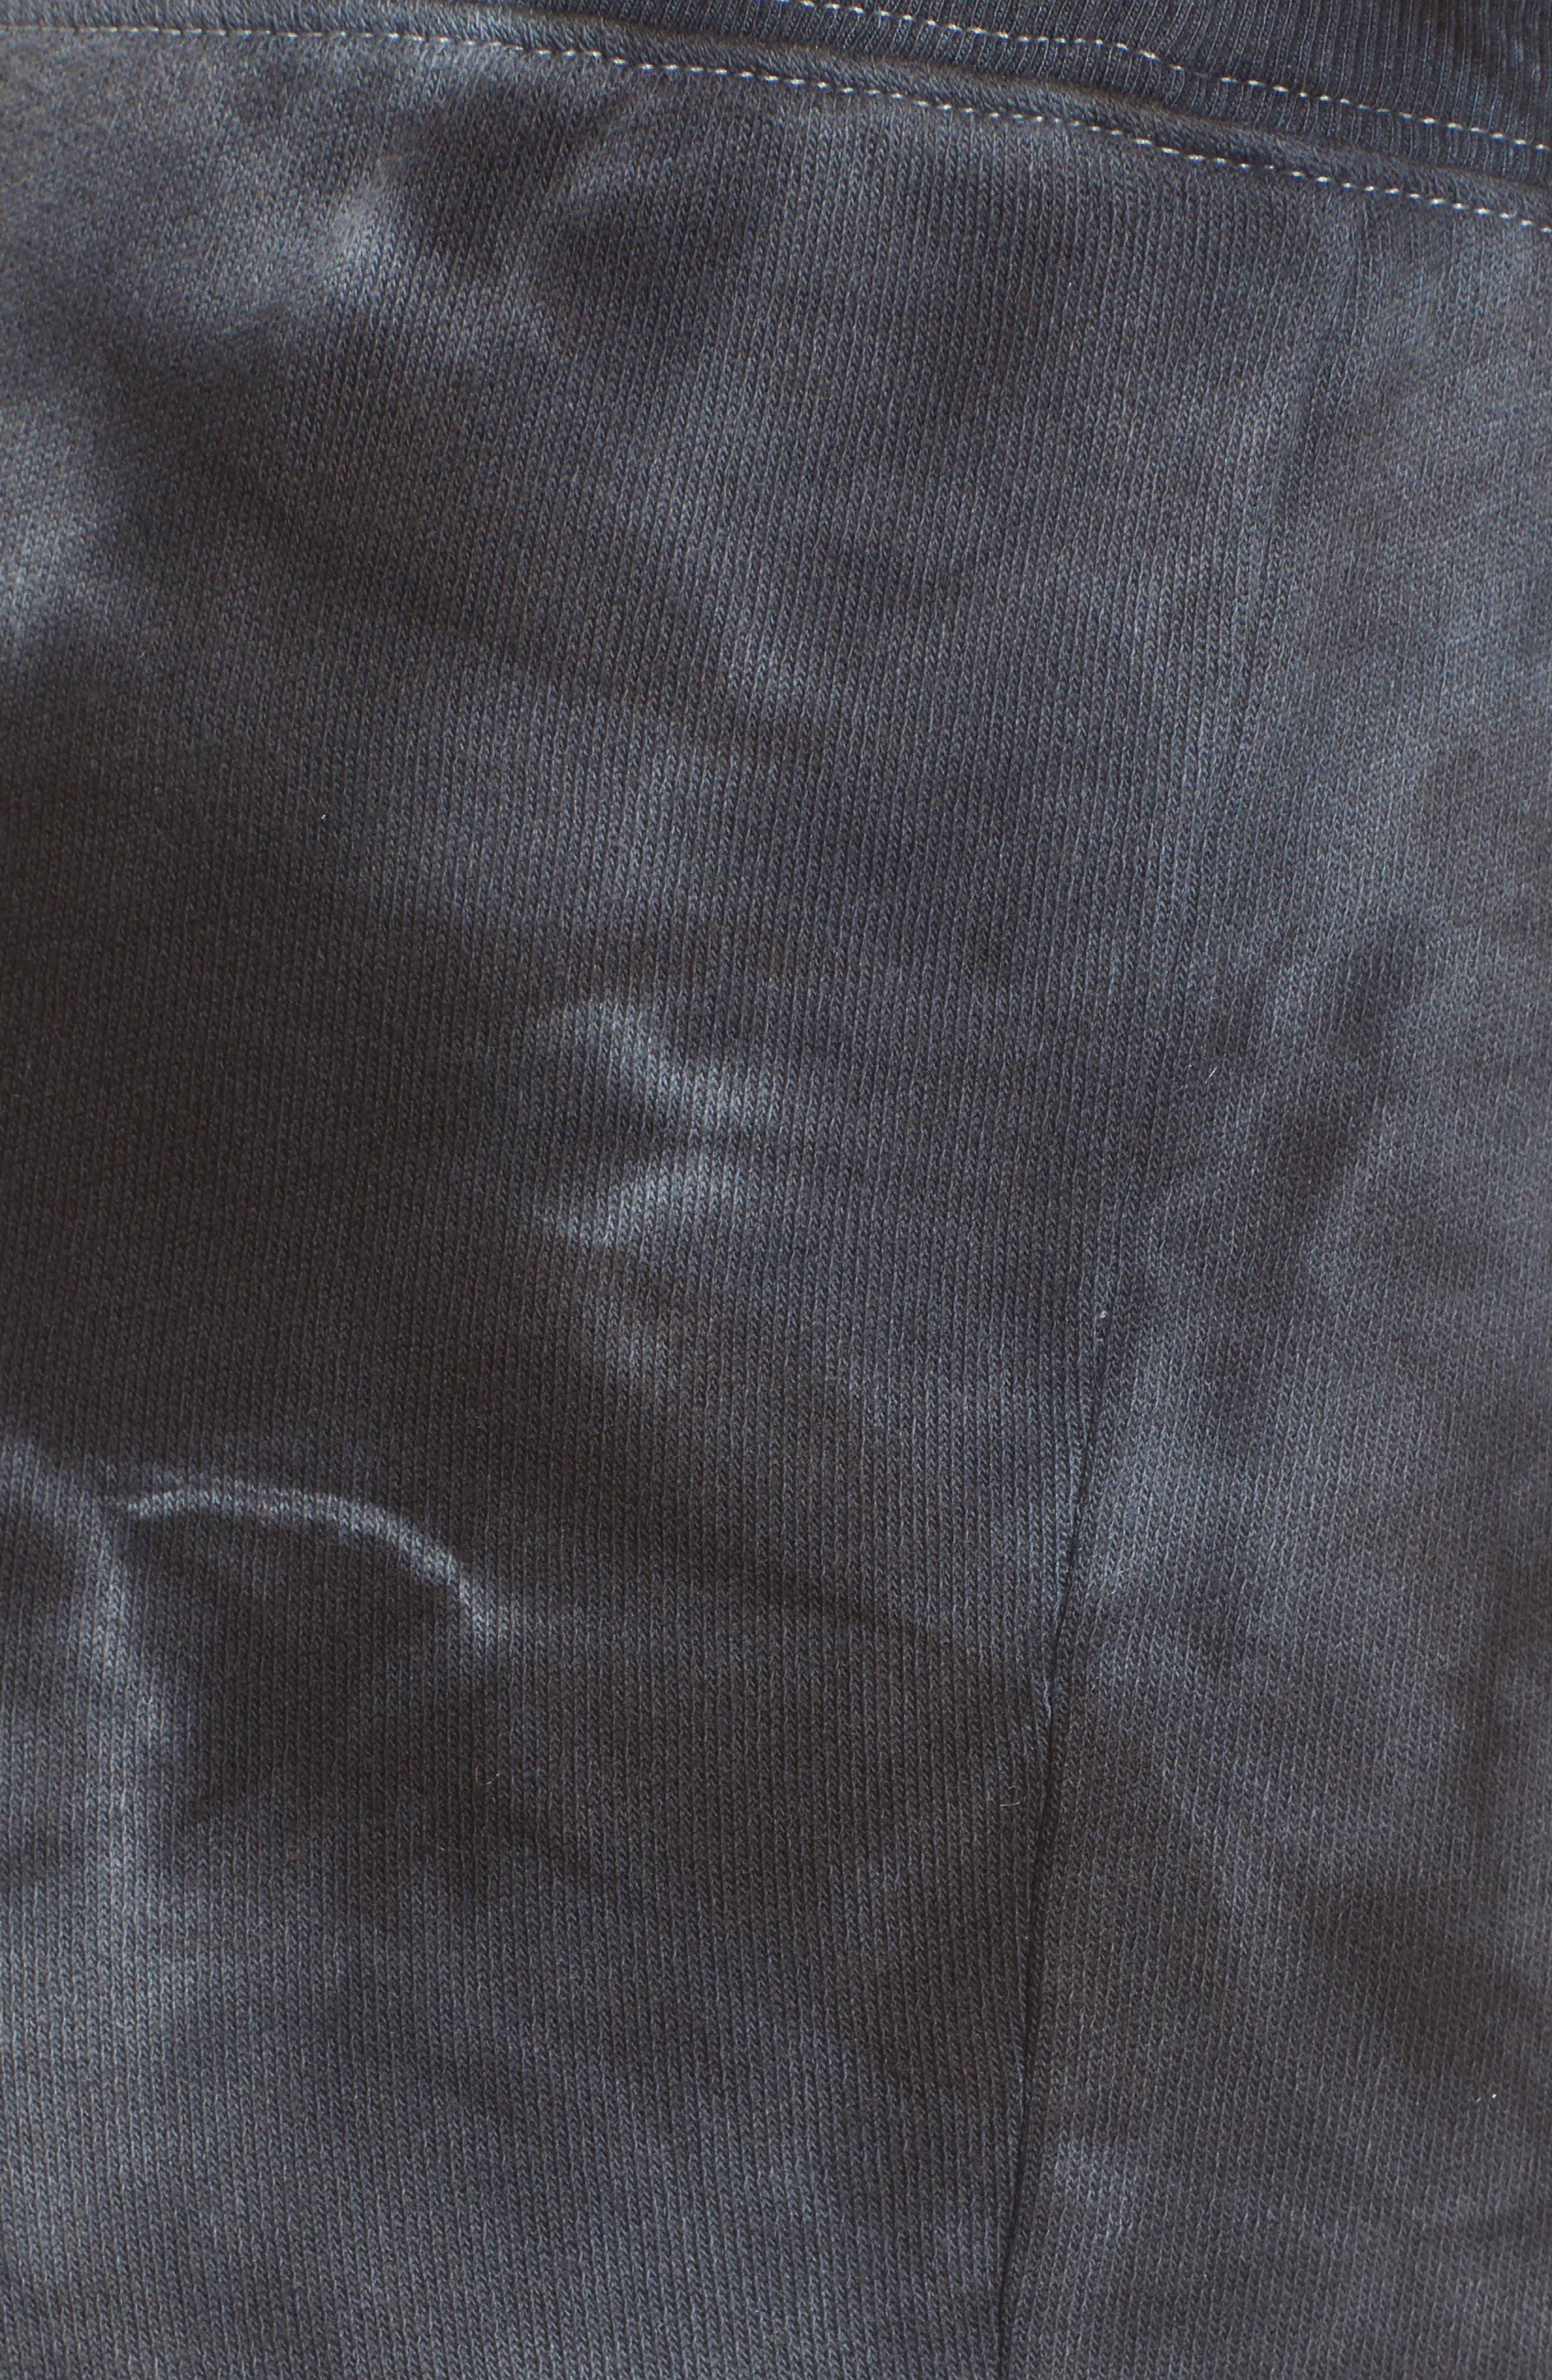 Tie Dye Knit Pants,                             Alternate thumbnail 5, color,                             010